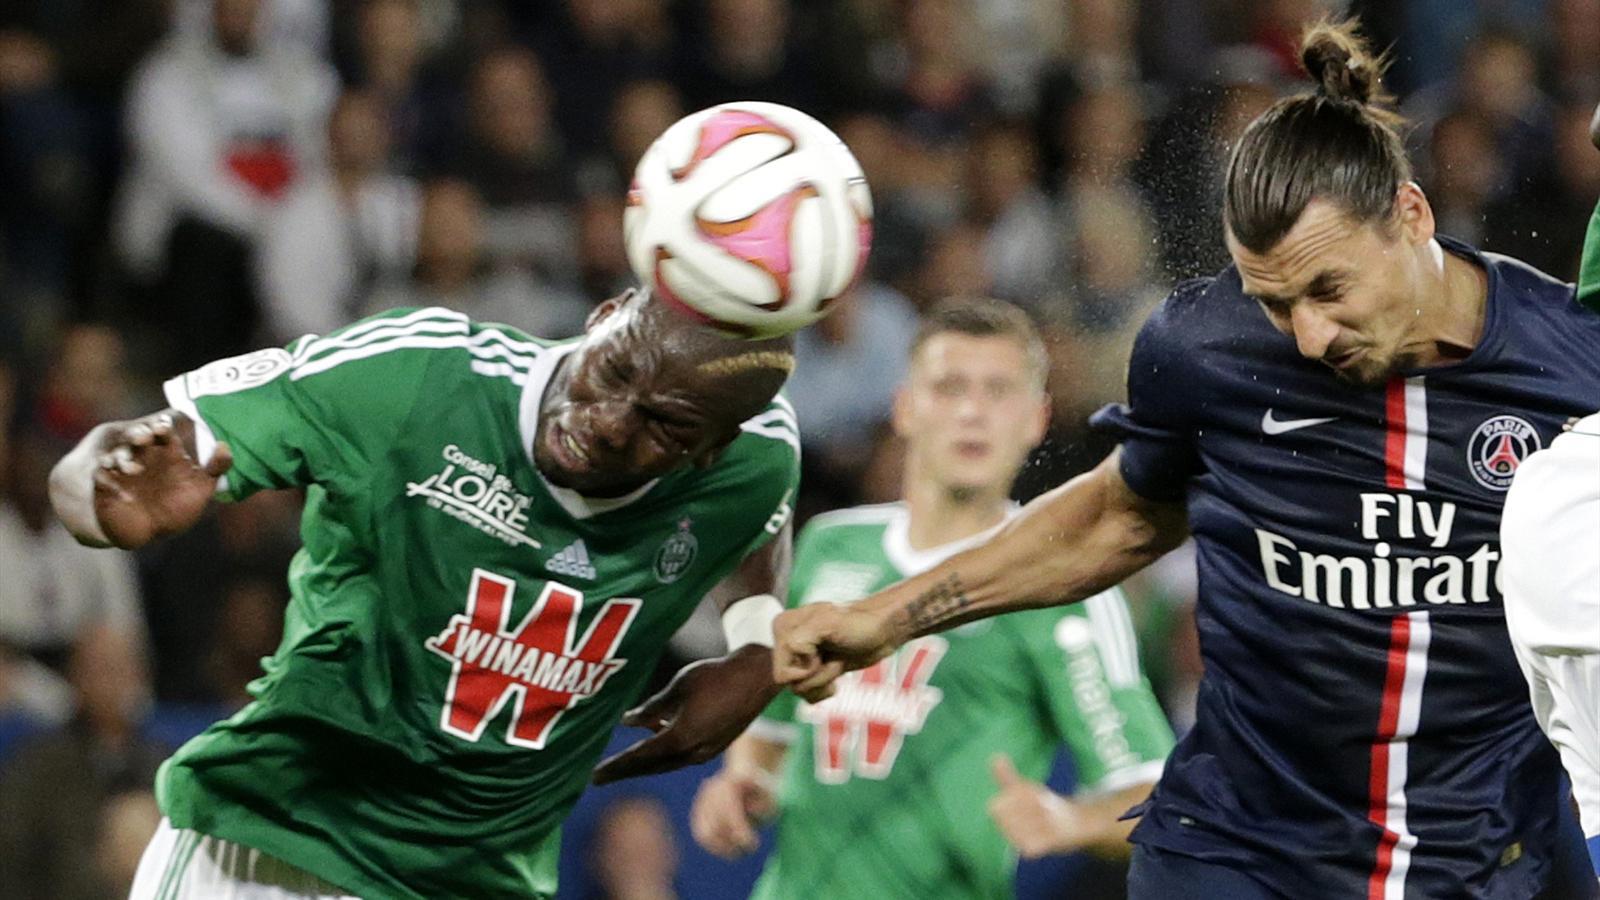 Coupe de la ligue les quarts de finale saint etienne psg monaco guingamp en affiches - Lyon monaco coupe de la ligue 2014 ...